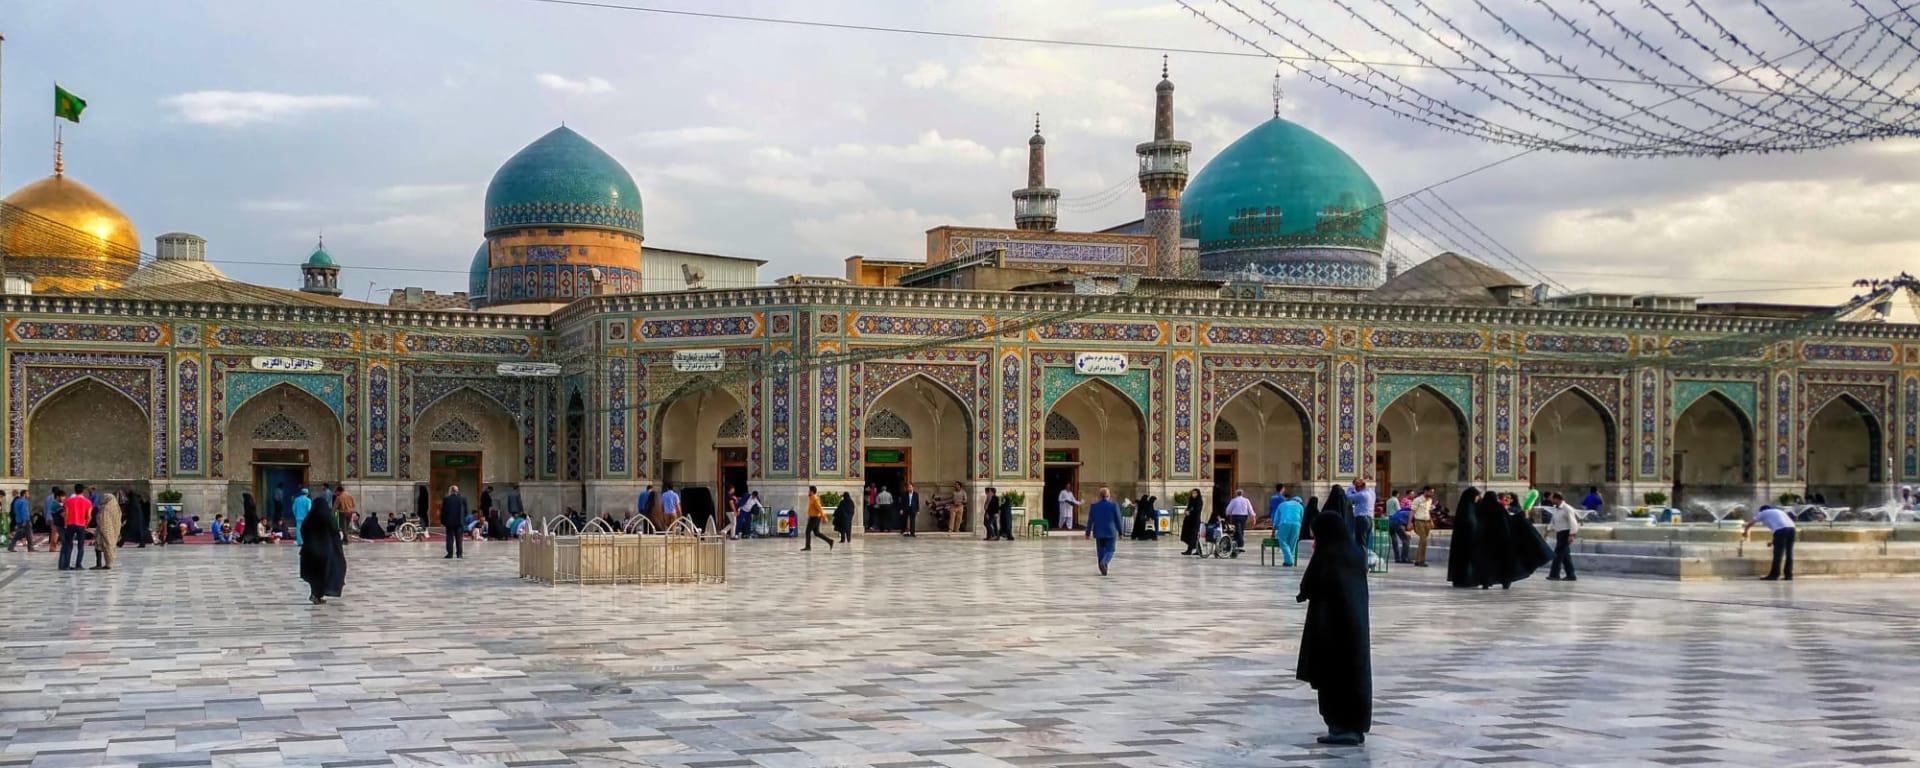 Iran entdecken mit Tischler Reisen: Iran Mashad Haram e Razavi Komplex